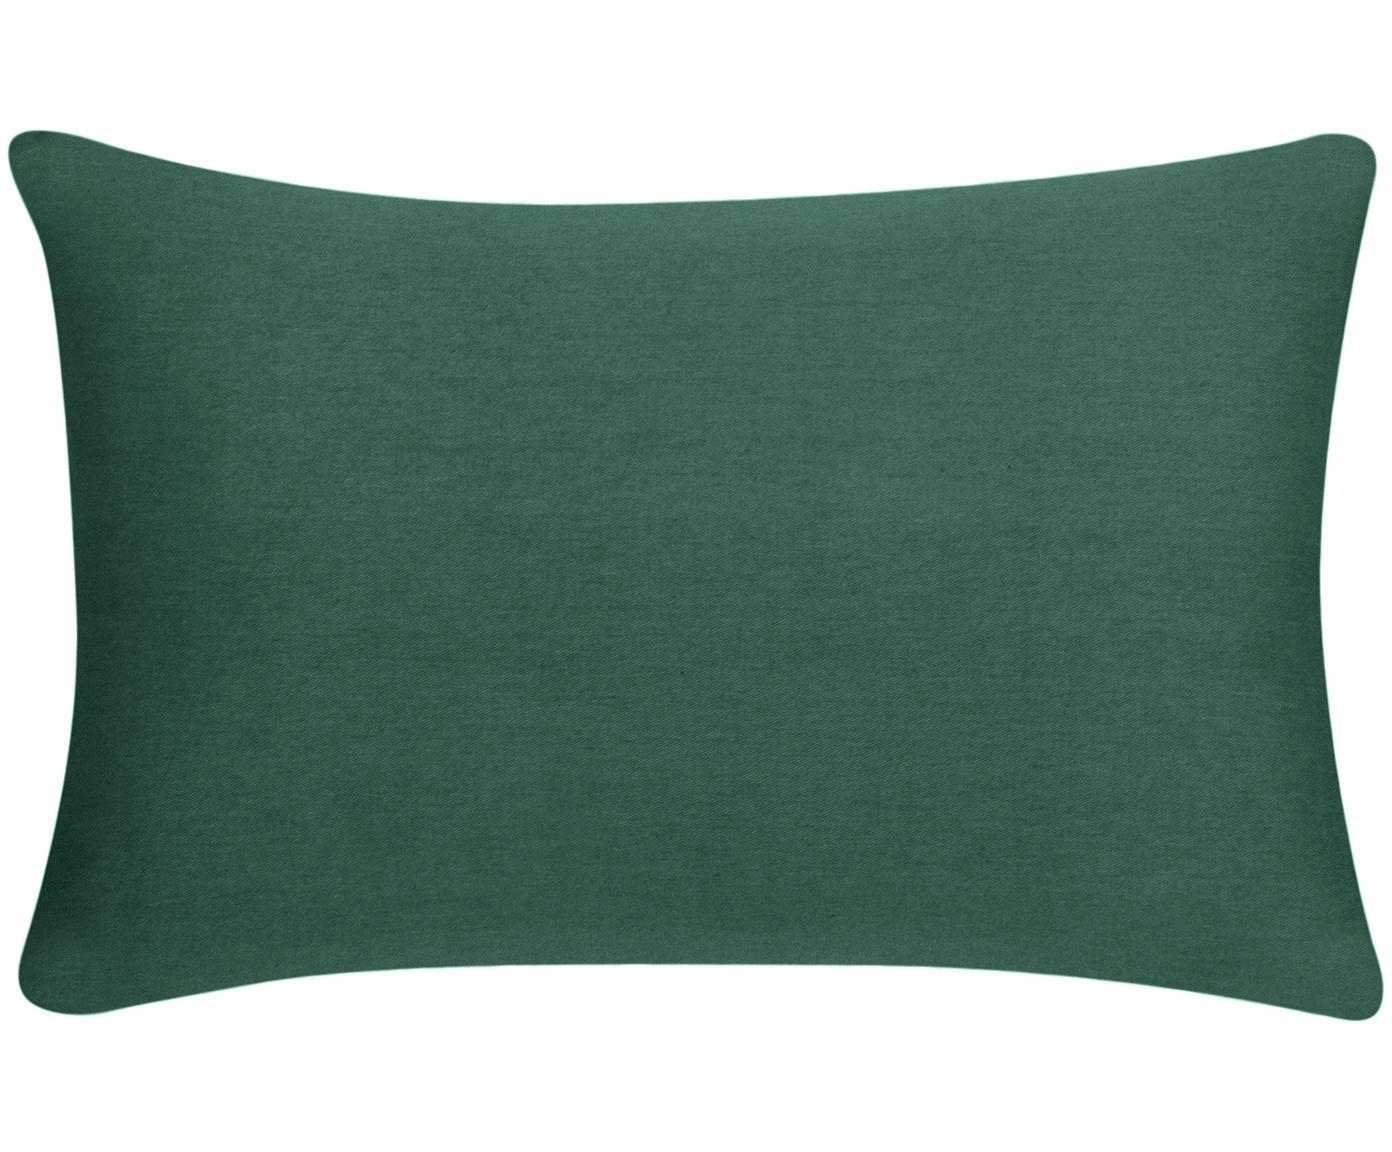 Funda de cojín de algodón Mads, Algodón, Verde, An 30 x L 50 cm